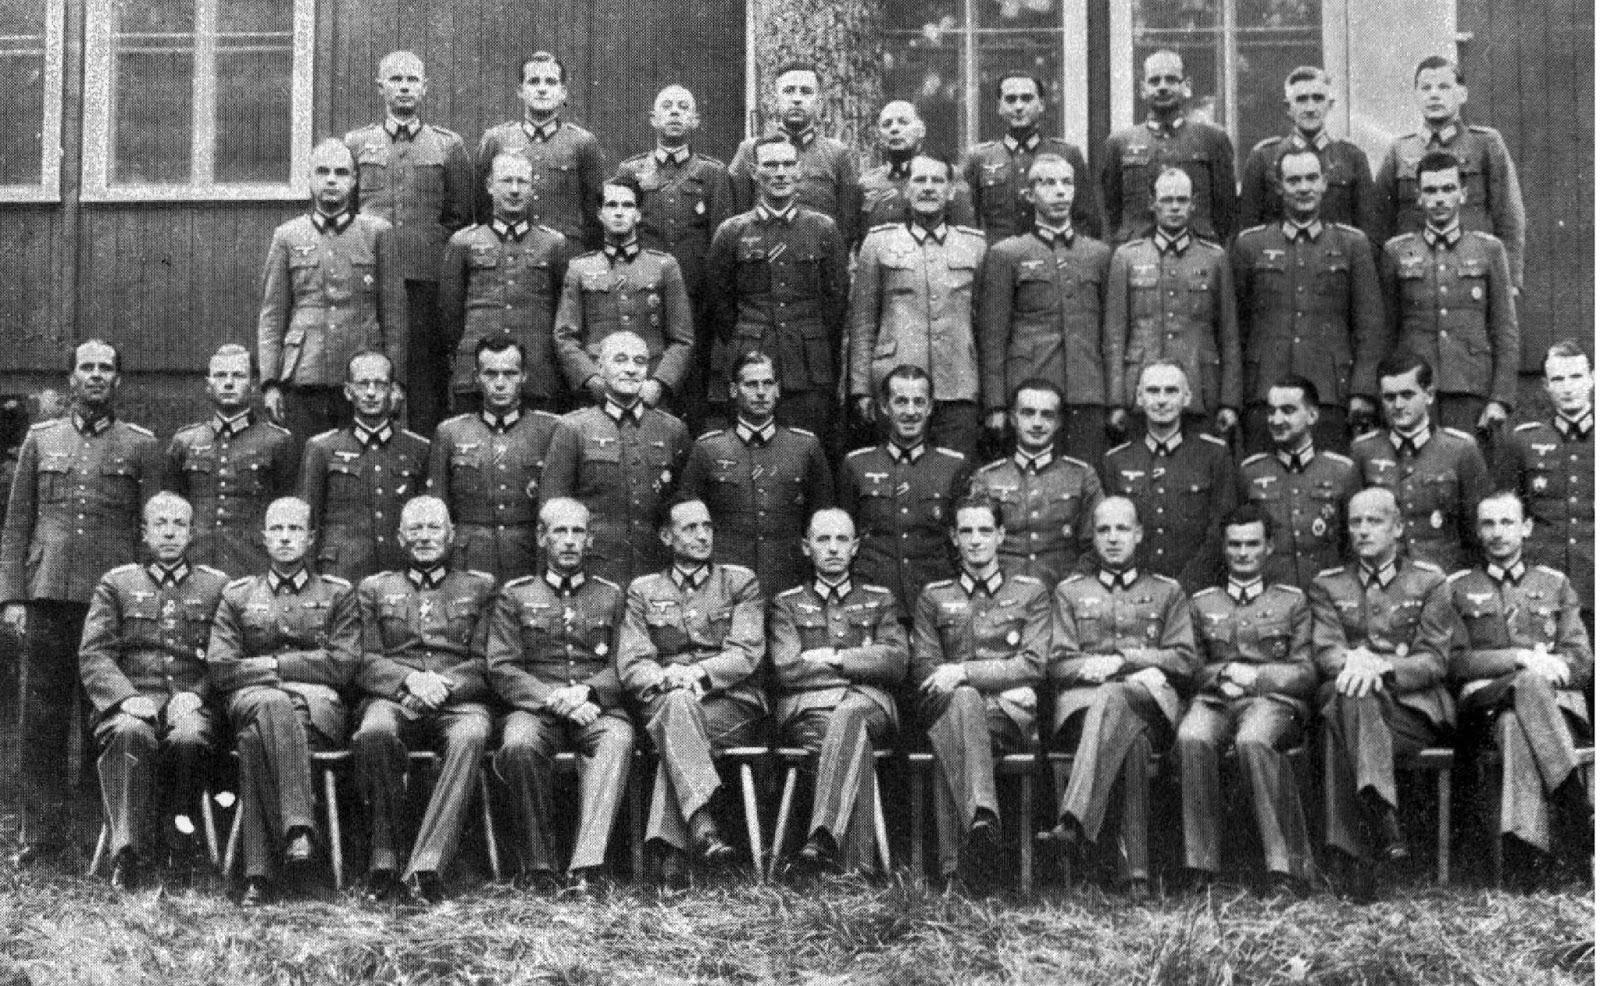 NAZI JERMAN: Fremde Heere Ost, Organisasi Intelijen Khusus ...